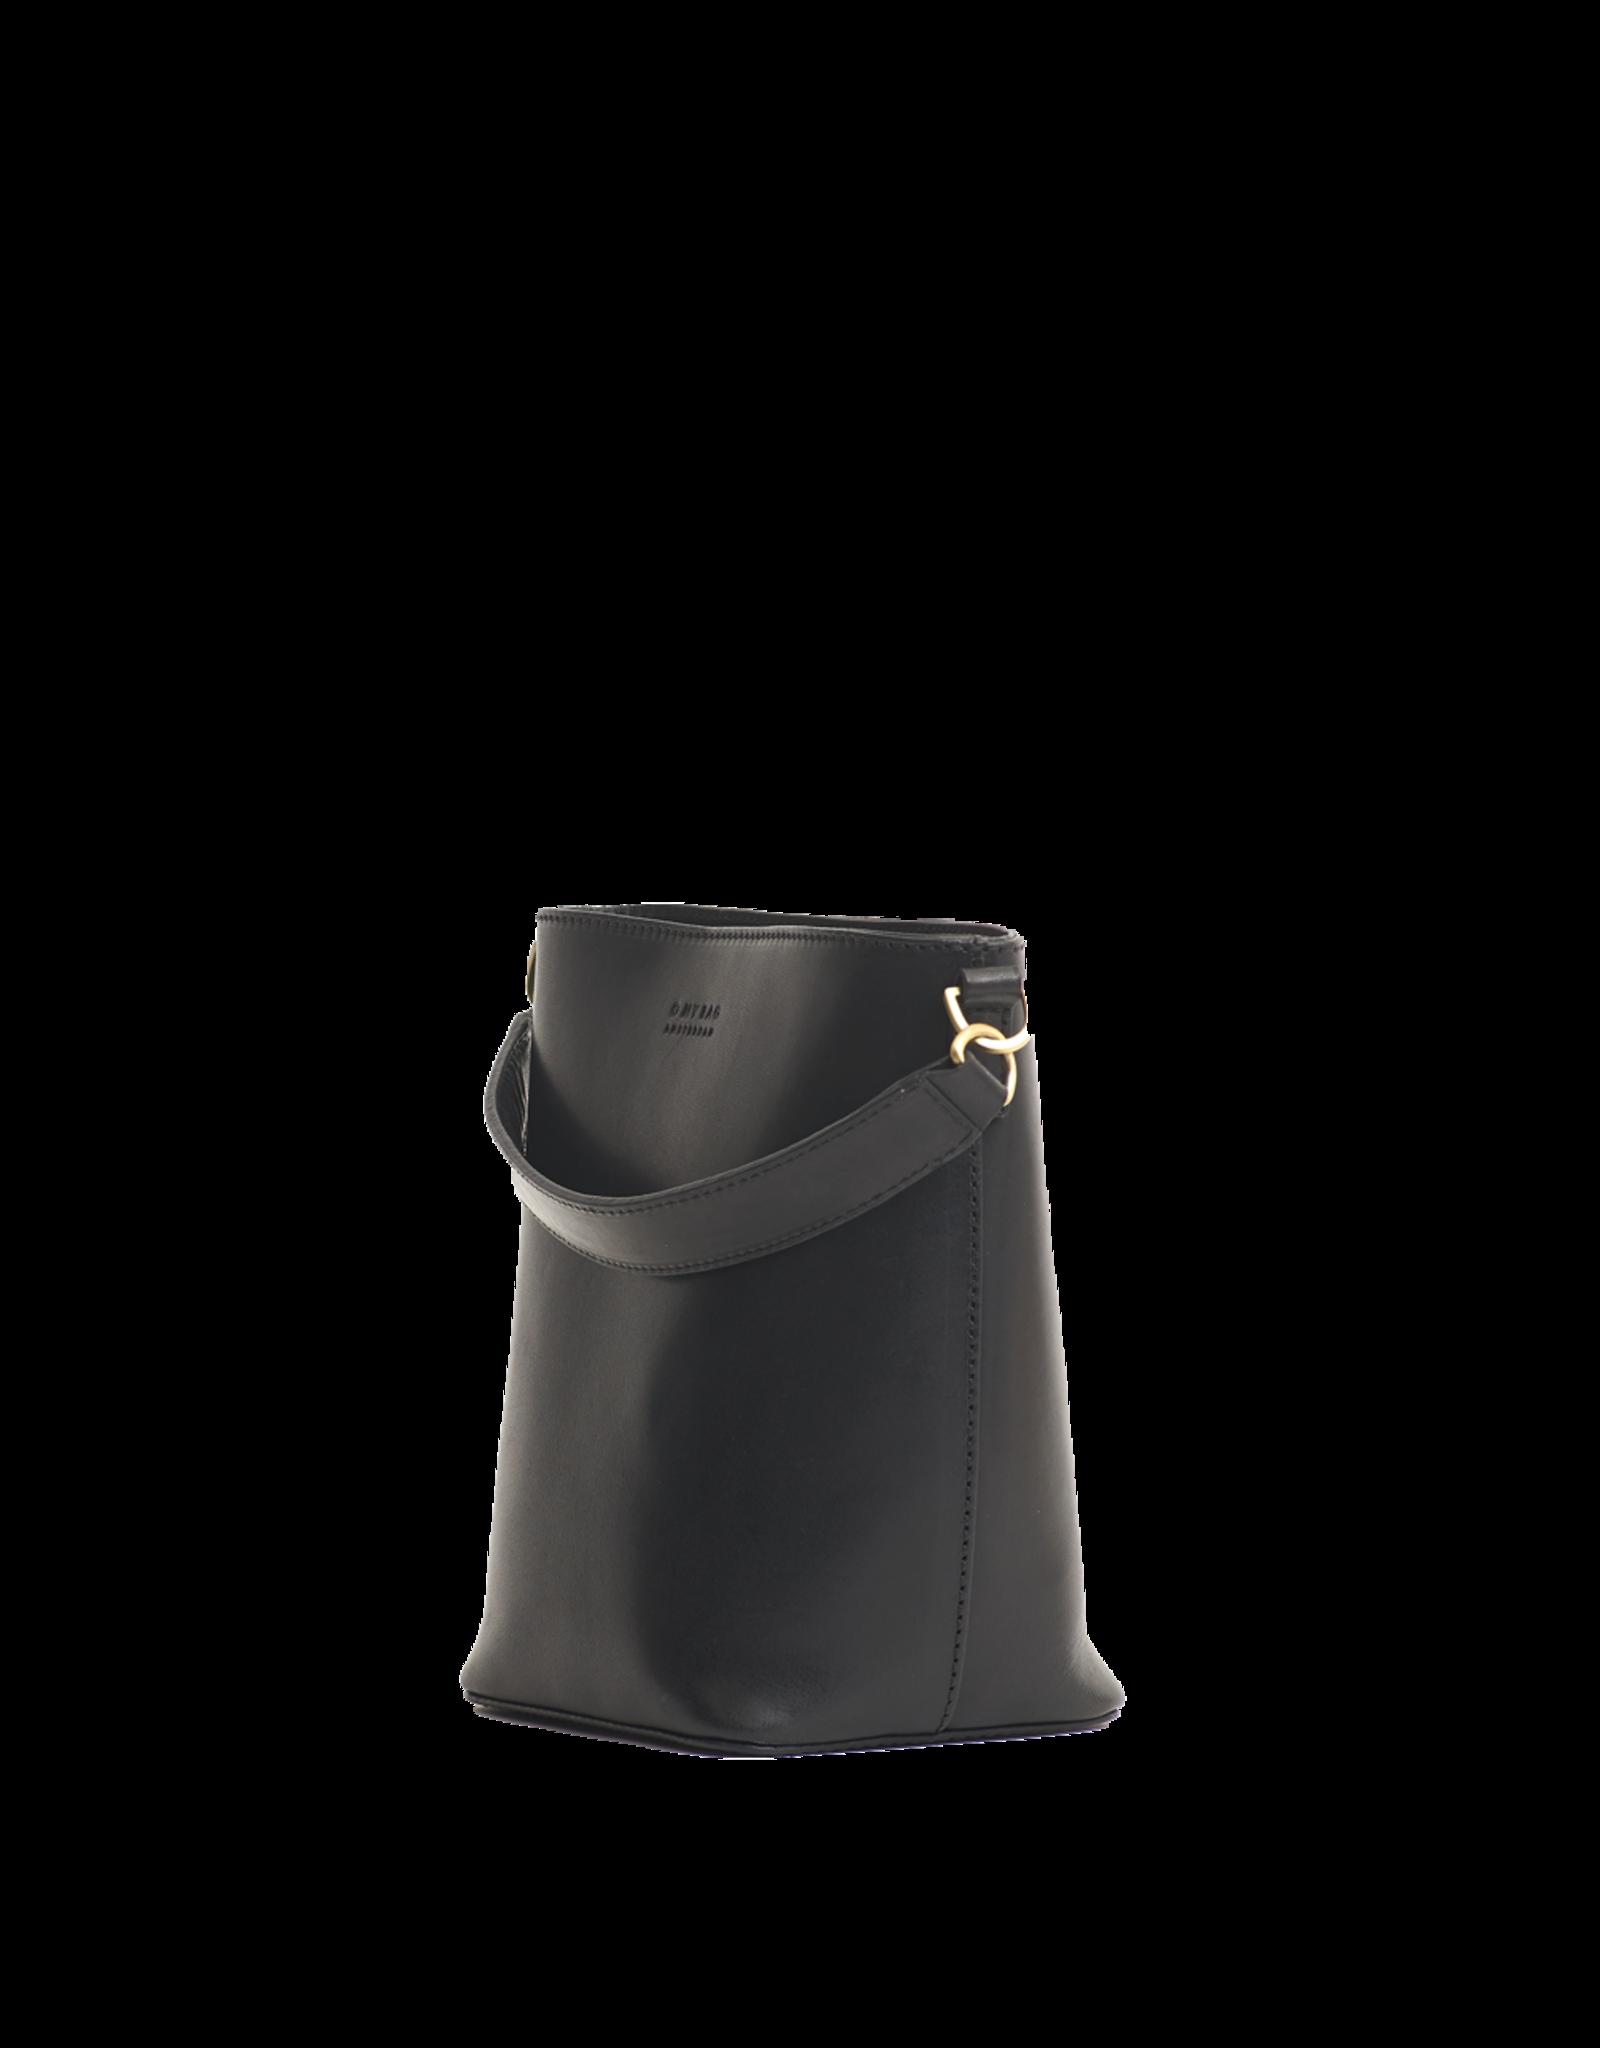 O MY BAG Bobbi Bucket Bag